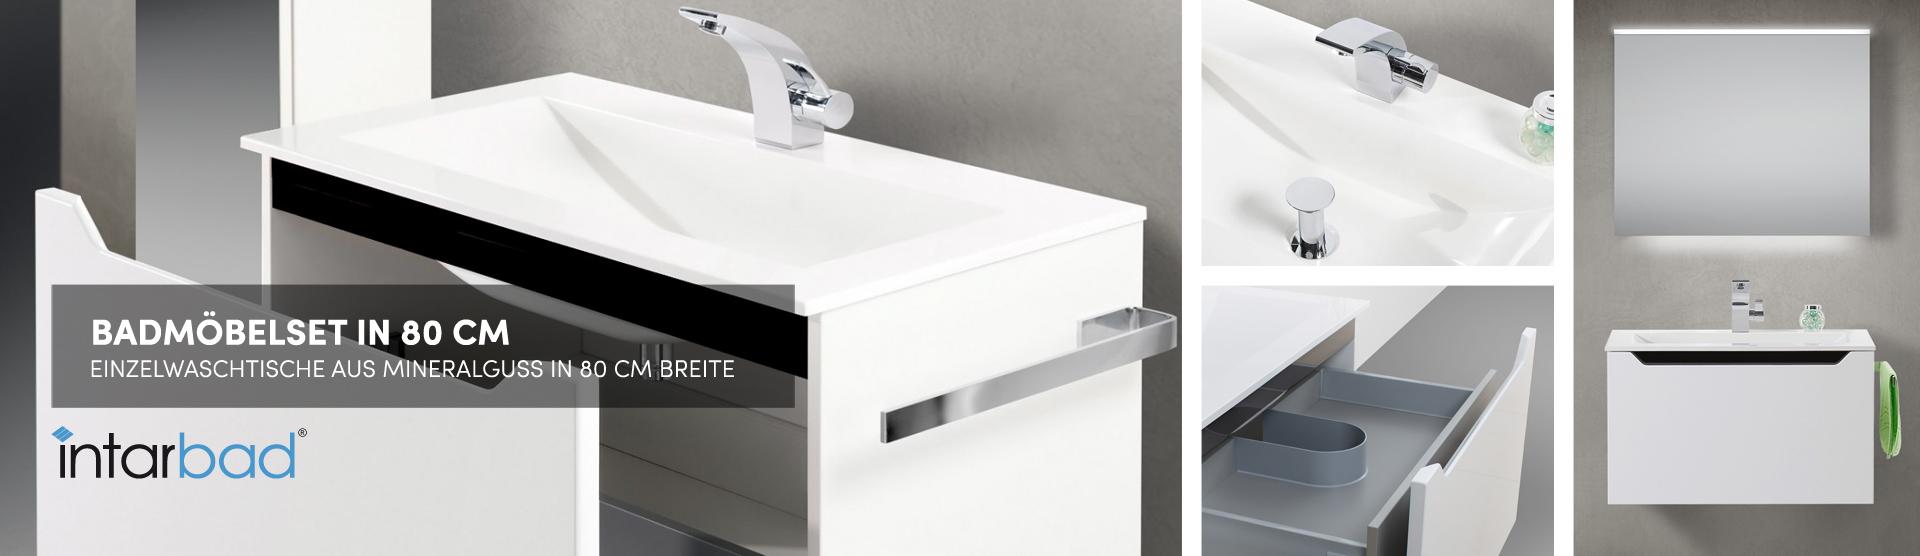 80cm Einzelwaschtische Gunstig Kaufen Designbaeder Com